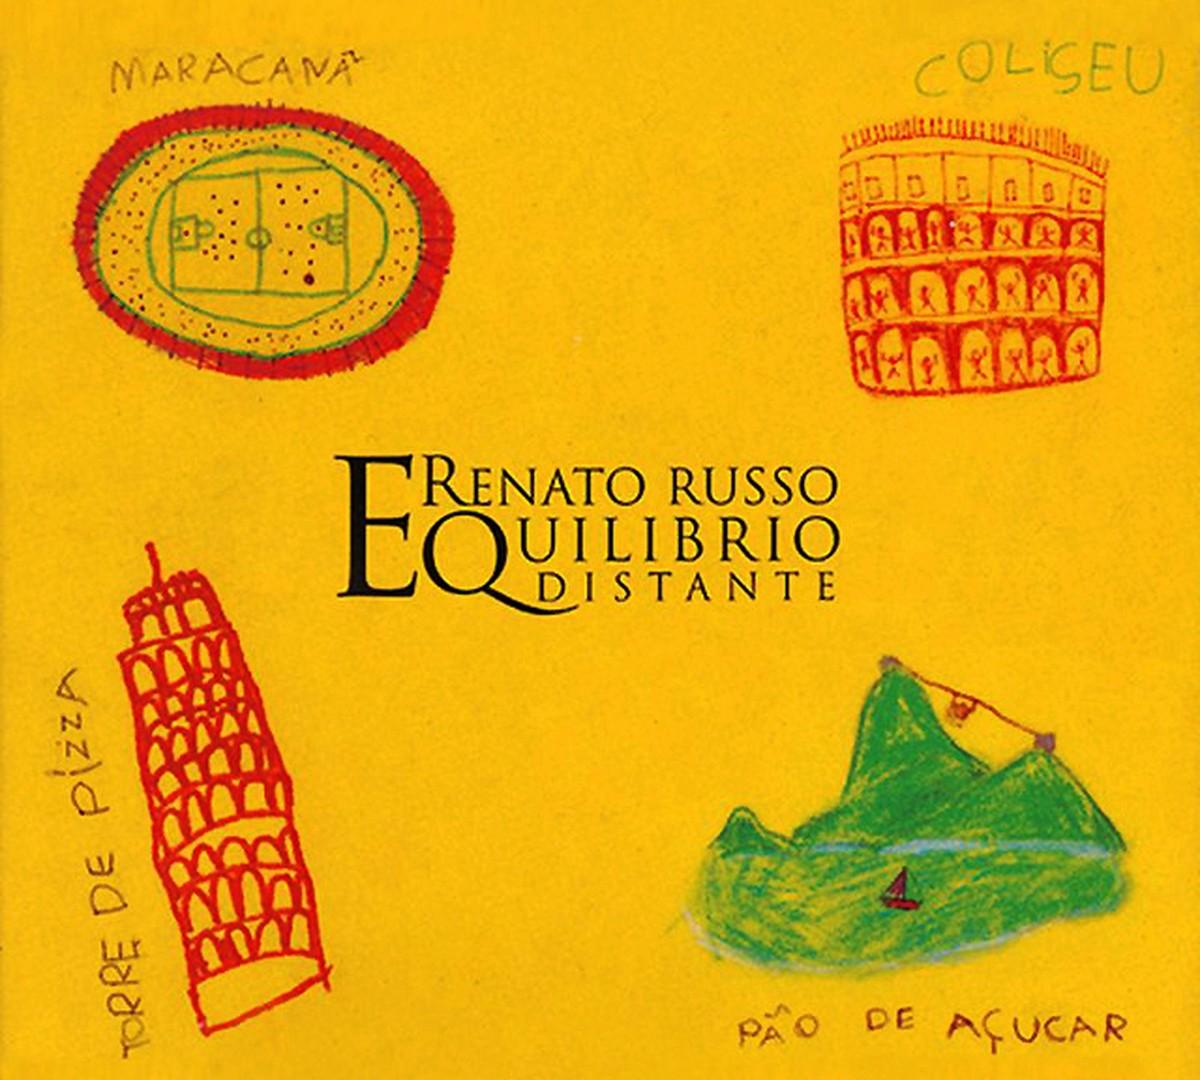 Discos para descobrir em casa – 'Equilíbrio distante', Renato Russo, 1995 | Blog do Mauro Ferreira